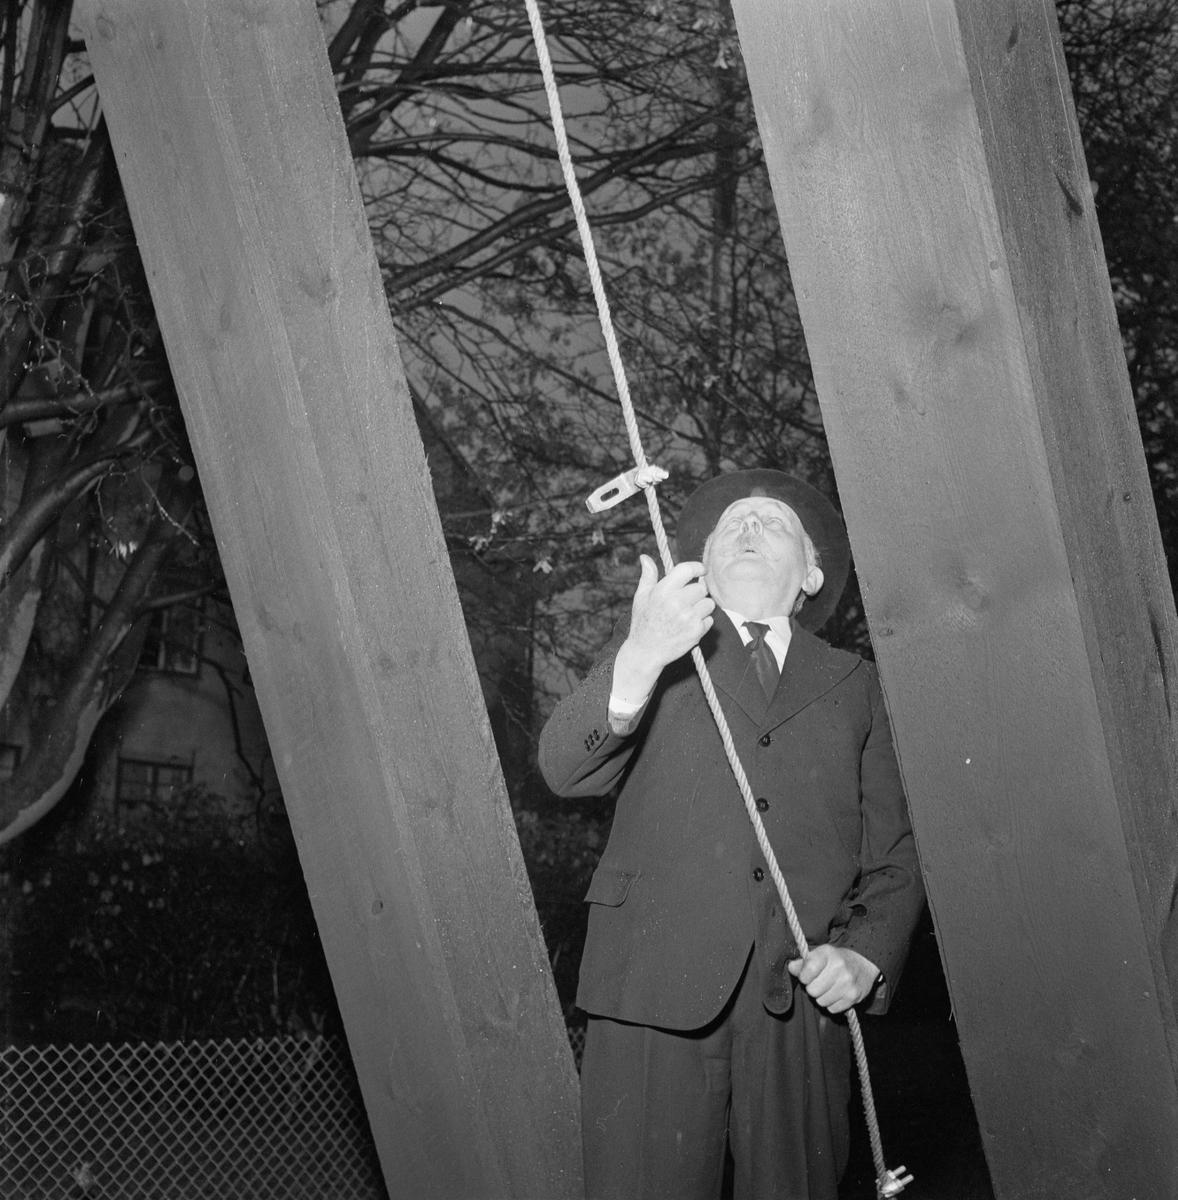 Vindhemskyrkan, invigning av klockstapeln, Uppsala, november 1955